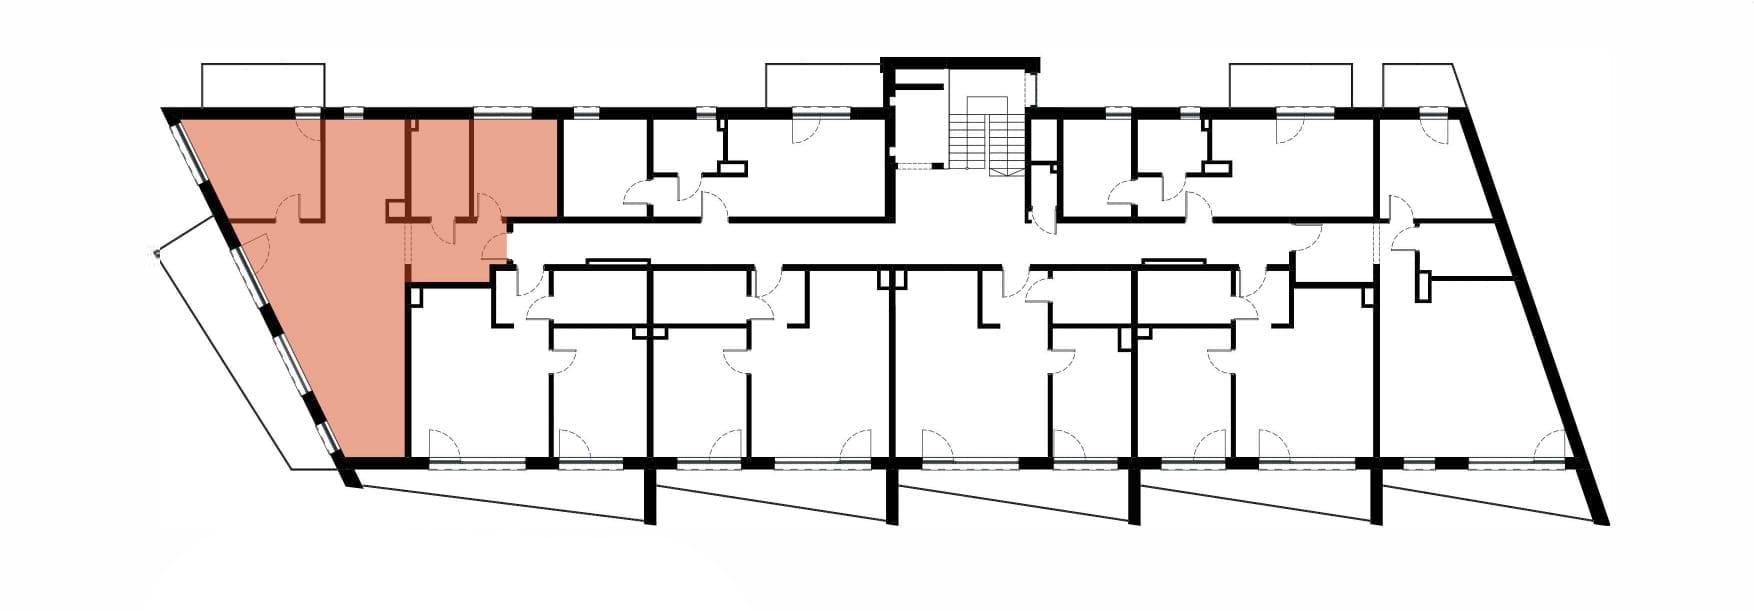 Apartamenty Kamienna / apartamenty inwestycyjne M30 rzut 2